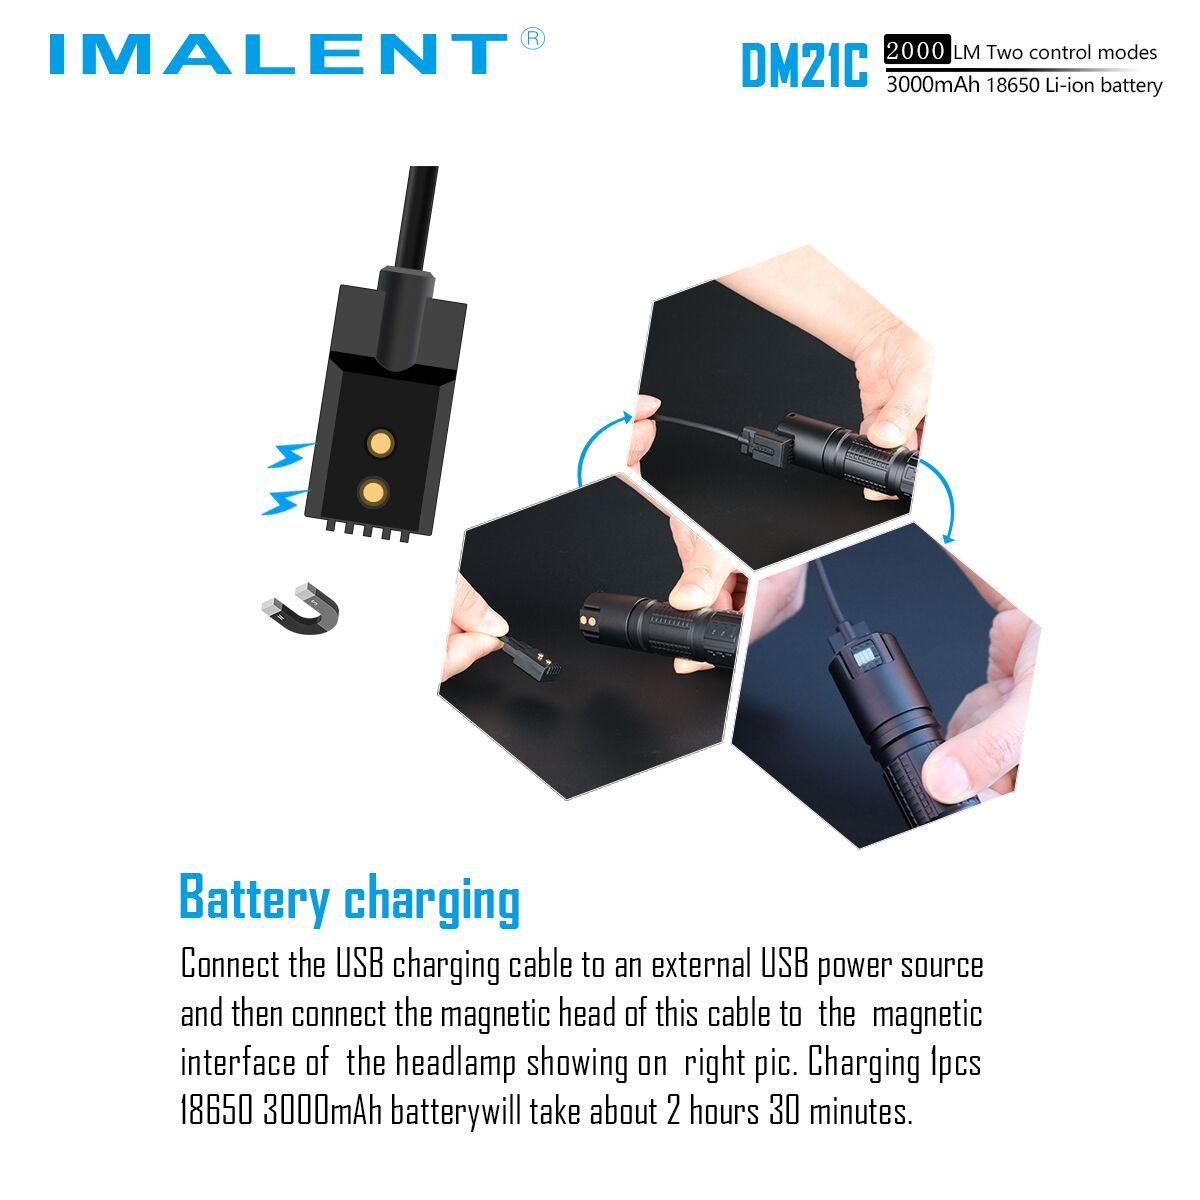 DM21C IMALENT